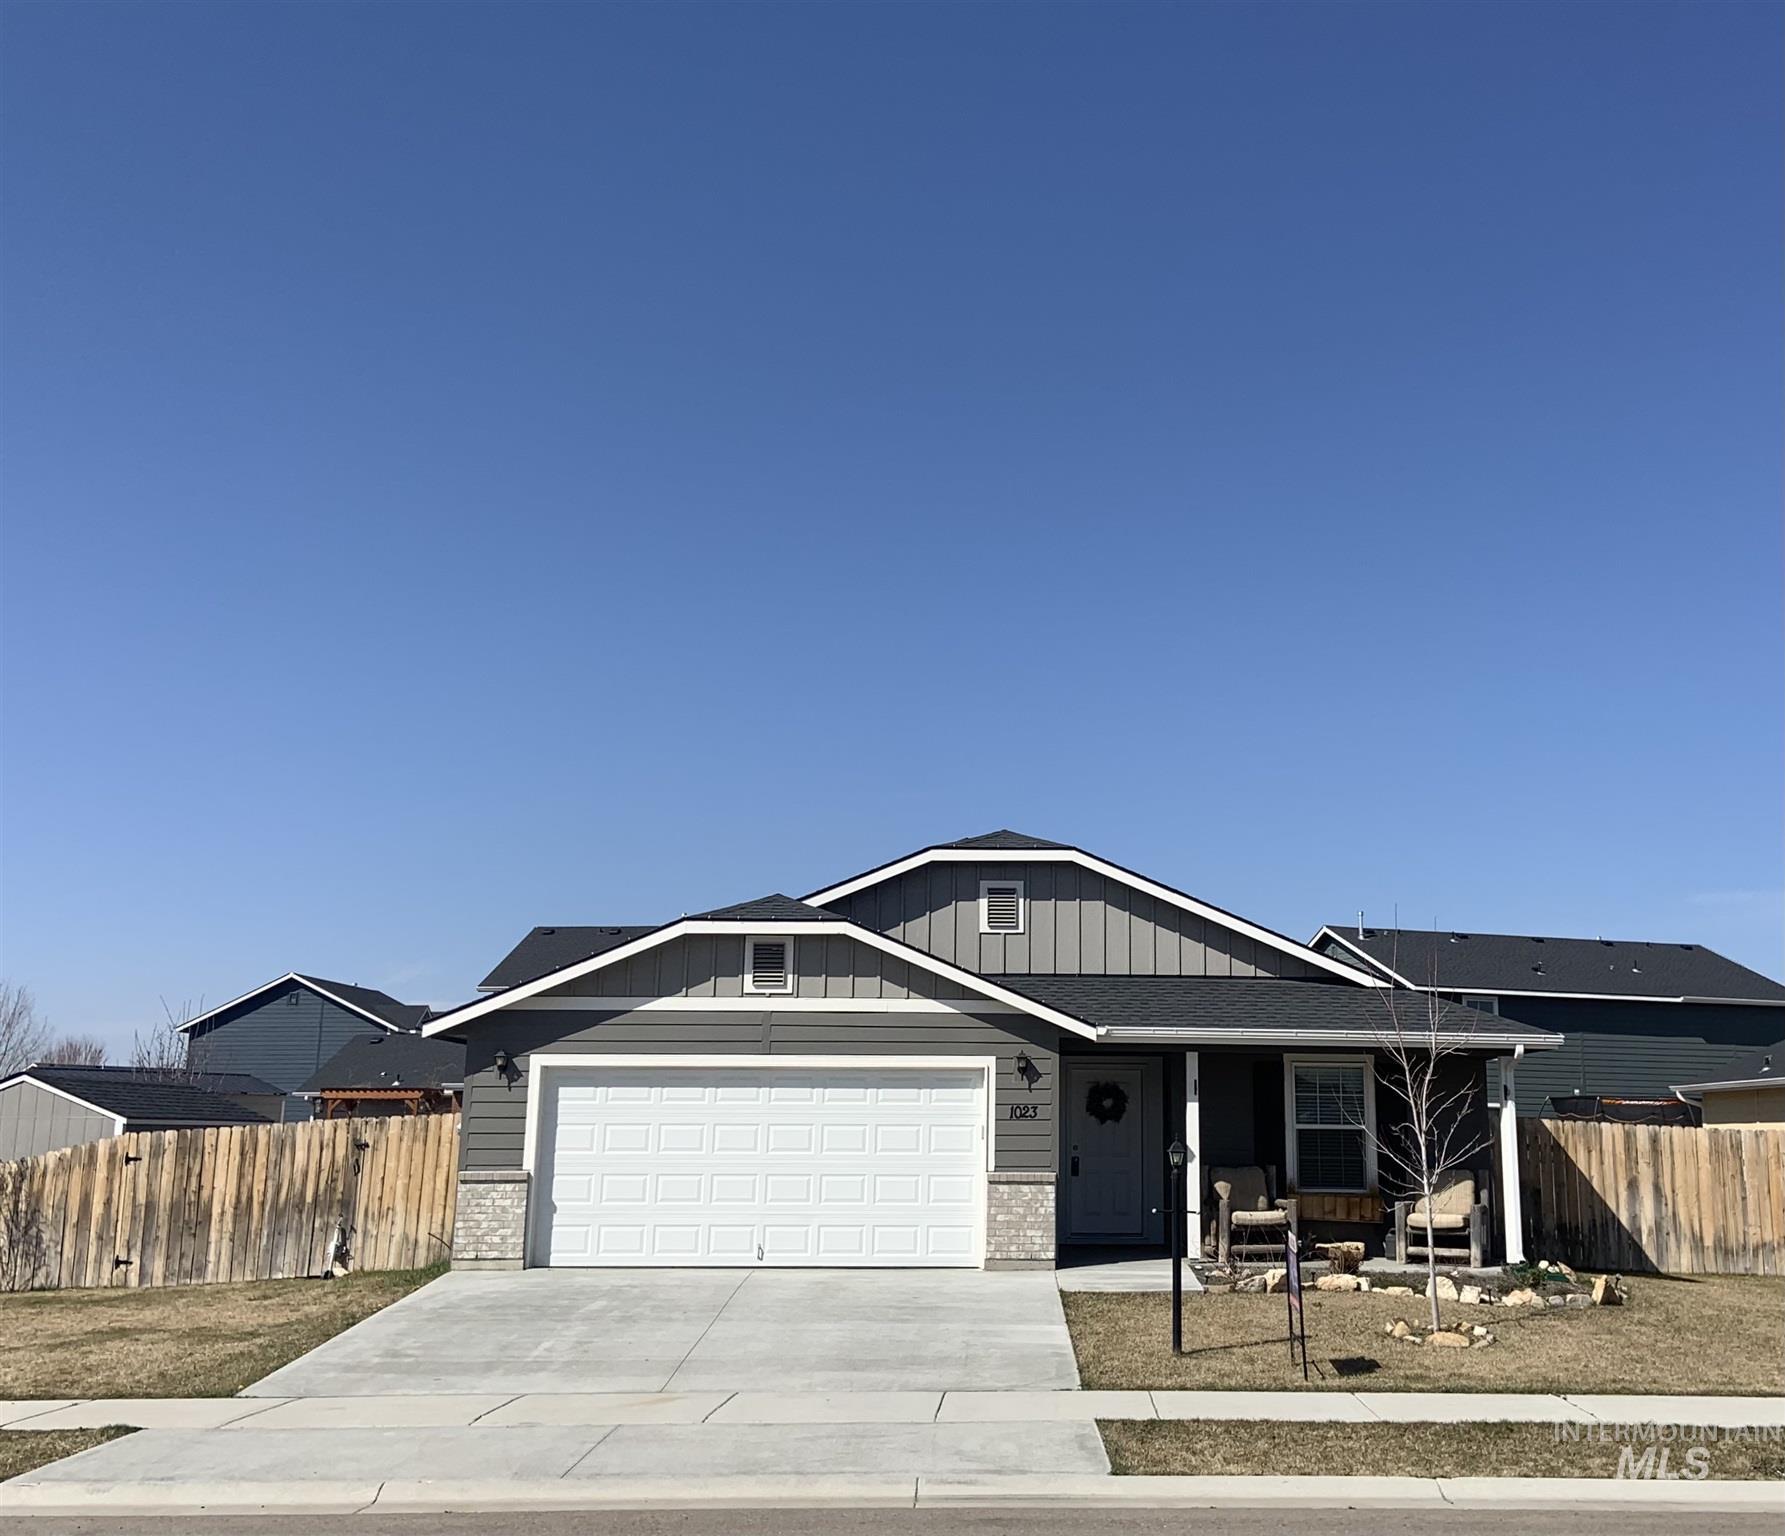 1023 Horseshoe Ct Property Photo - Middleton, ID real estate listing